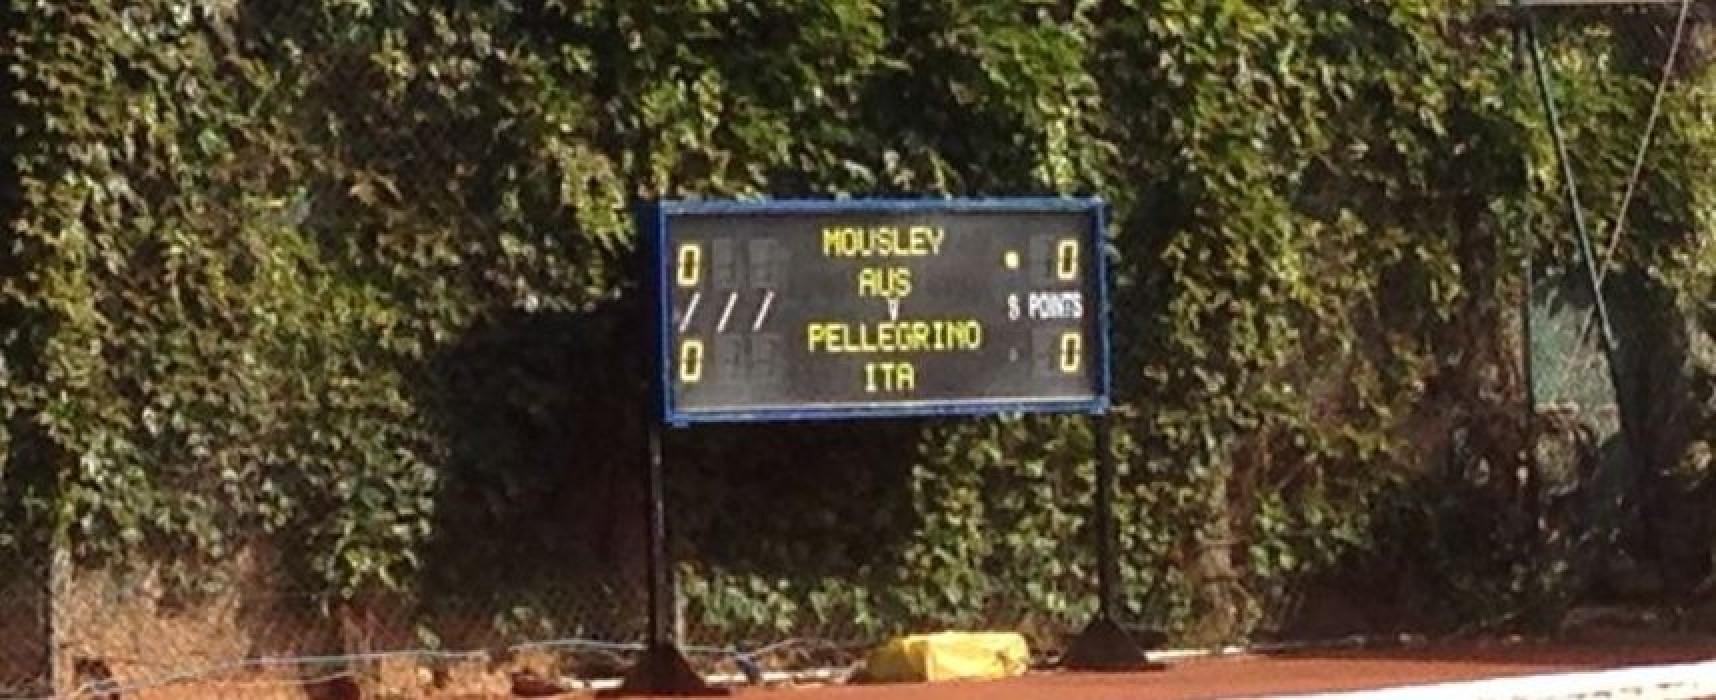 Trofeo Bonfiglio, Pellegrino-Mousley 7-6; 2-6; 6-7